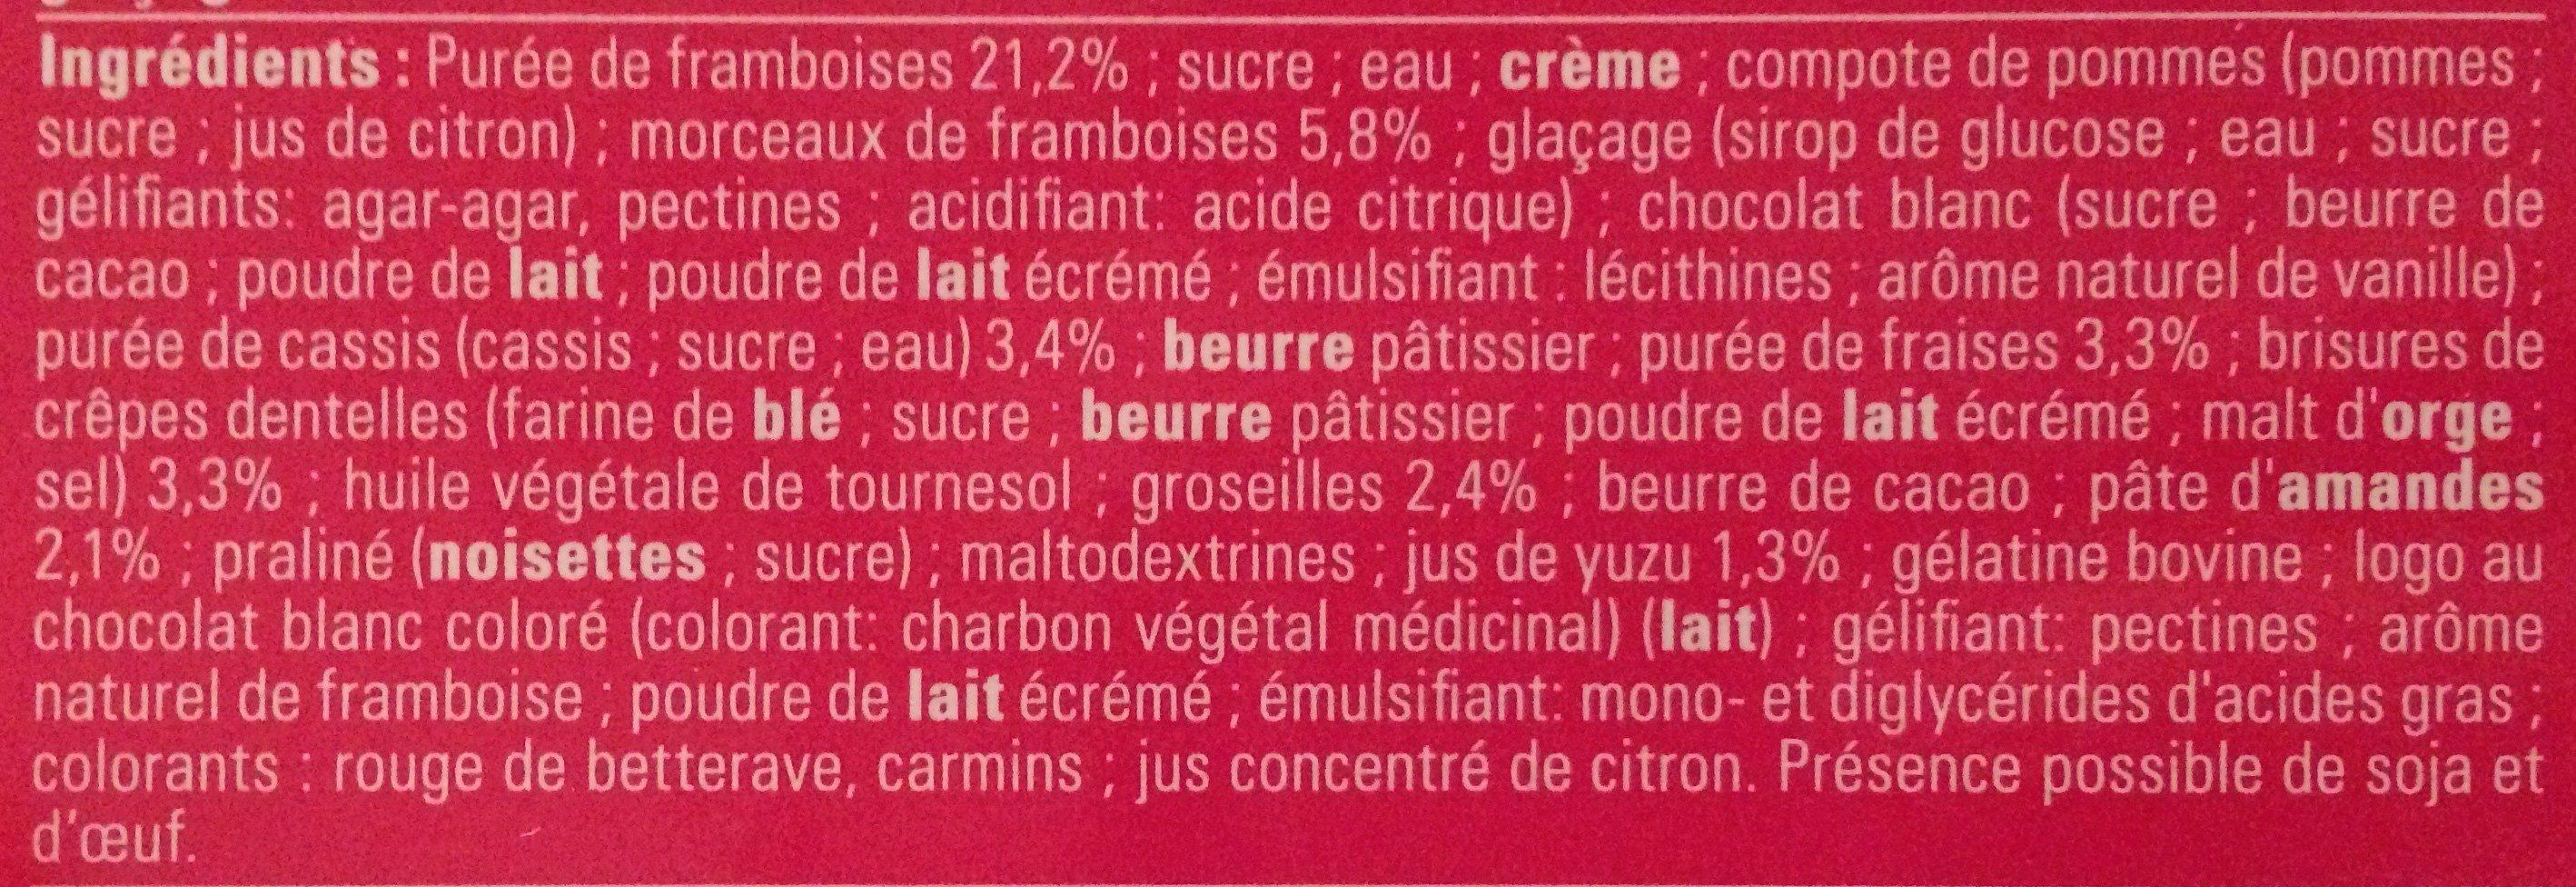 Carré sublime fruits rouges - Ingrédients - fr